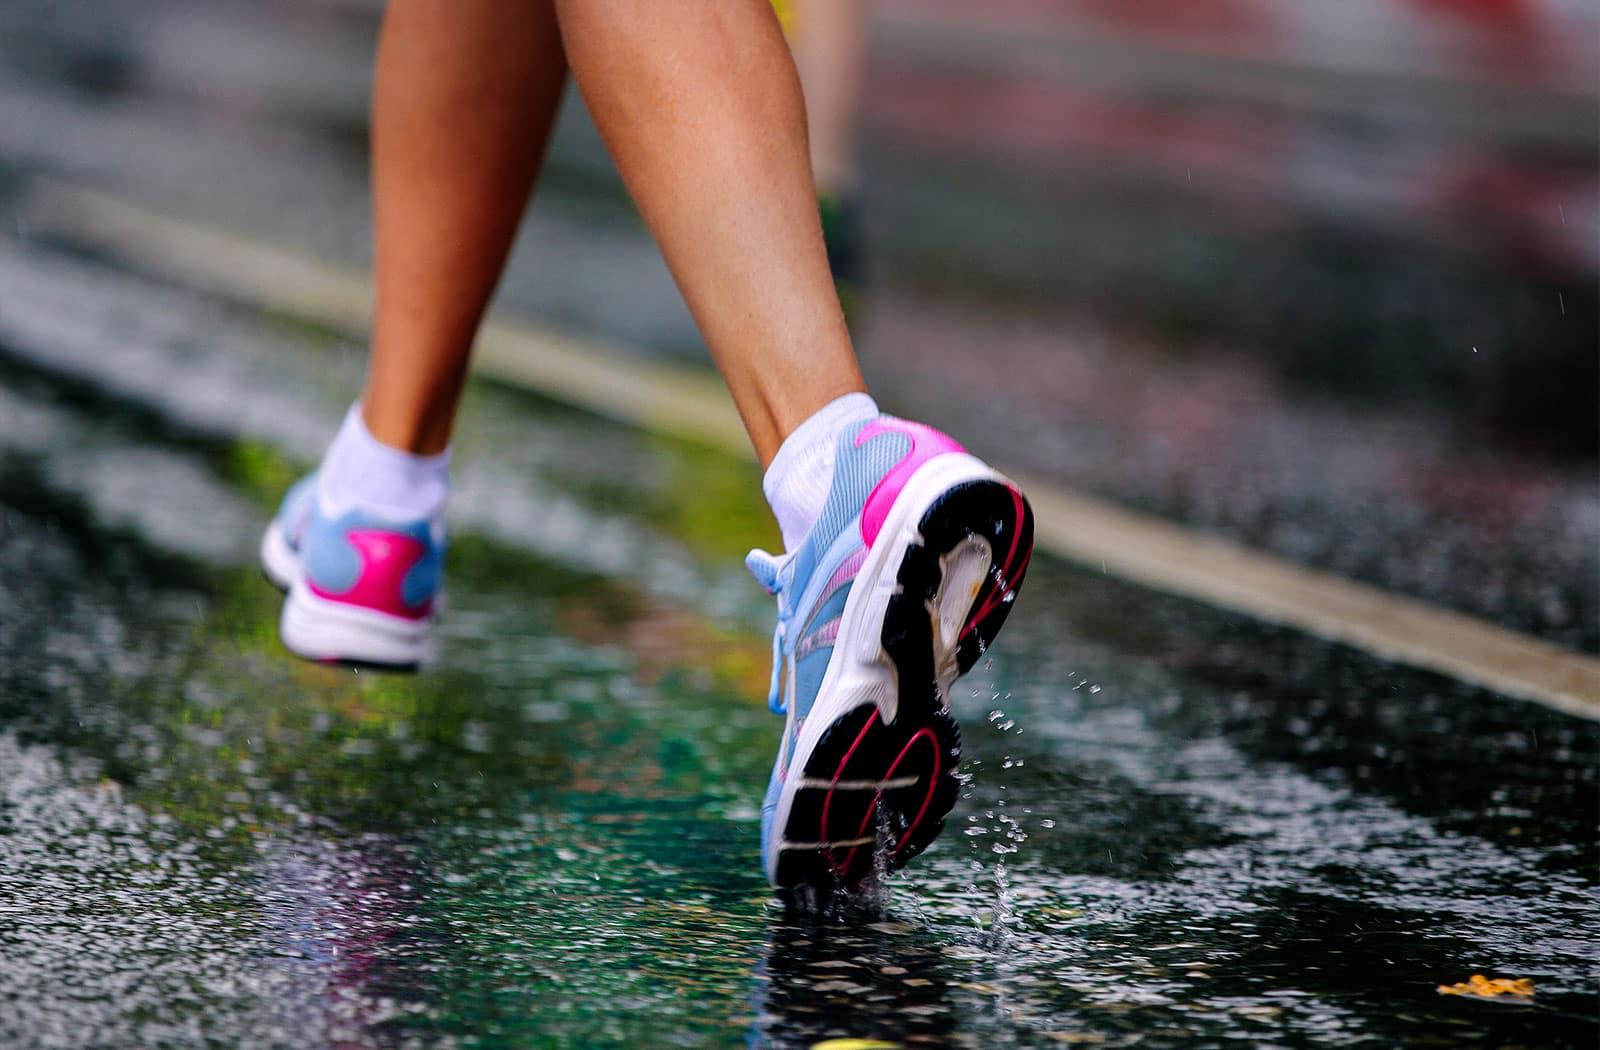 Bei fast jedem Wetter startet der wöchentliche Lauftreff vor dem Studiogelände der balance Fitnesslounge zum gemeinsamen Joggen.